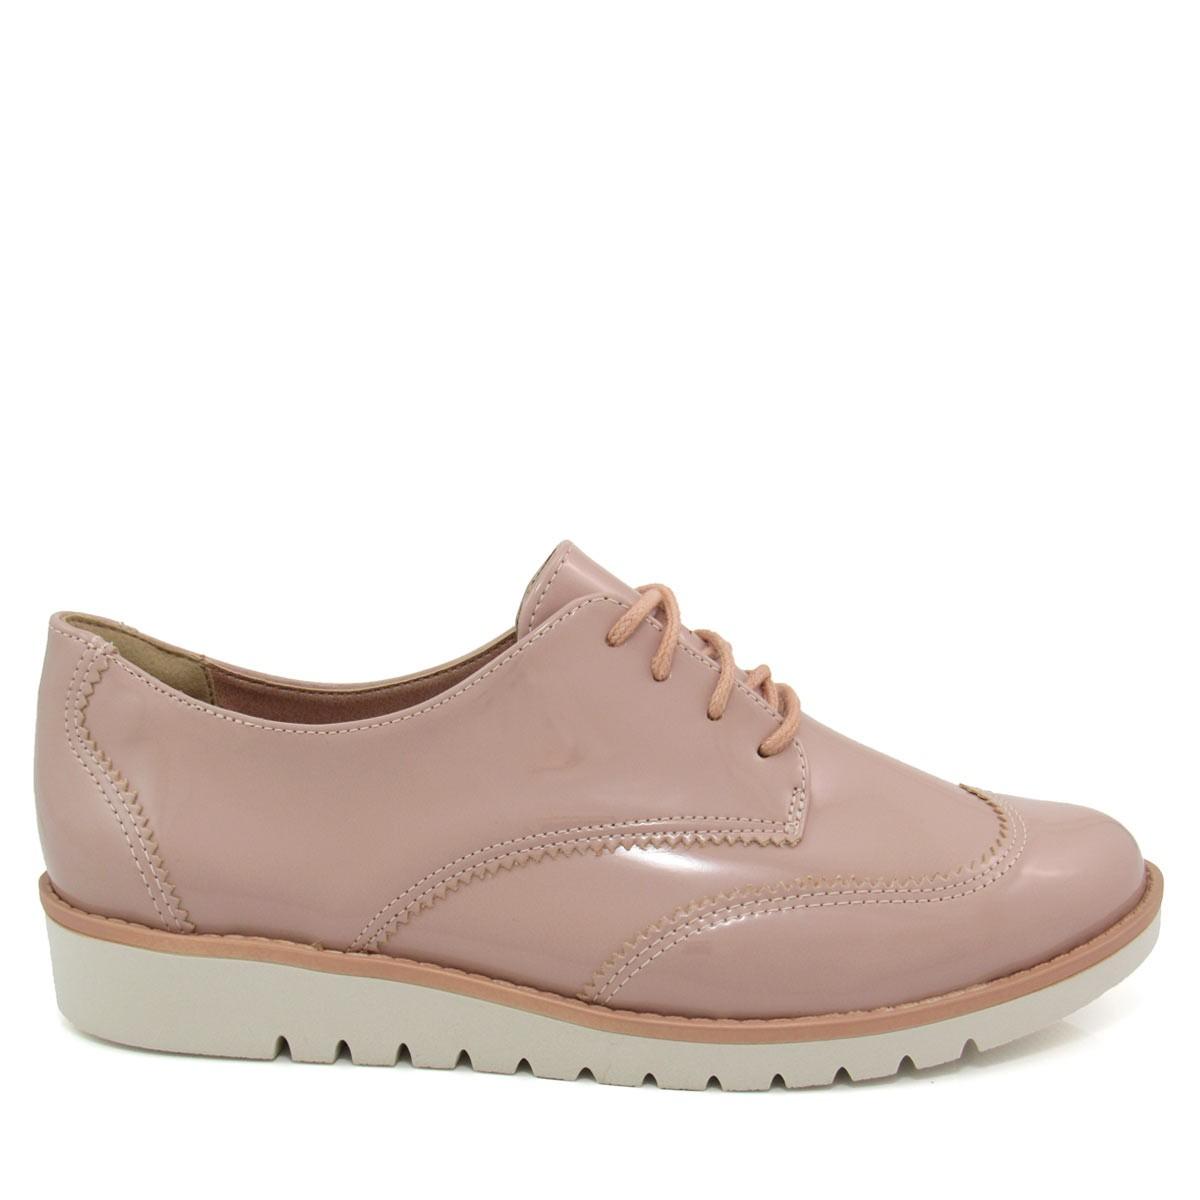 f200c3cd52 Sapato Feminino Oxford Ramarim Total Comfort 1690202 Coleção 2018